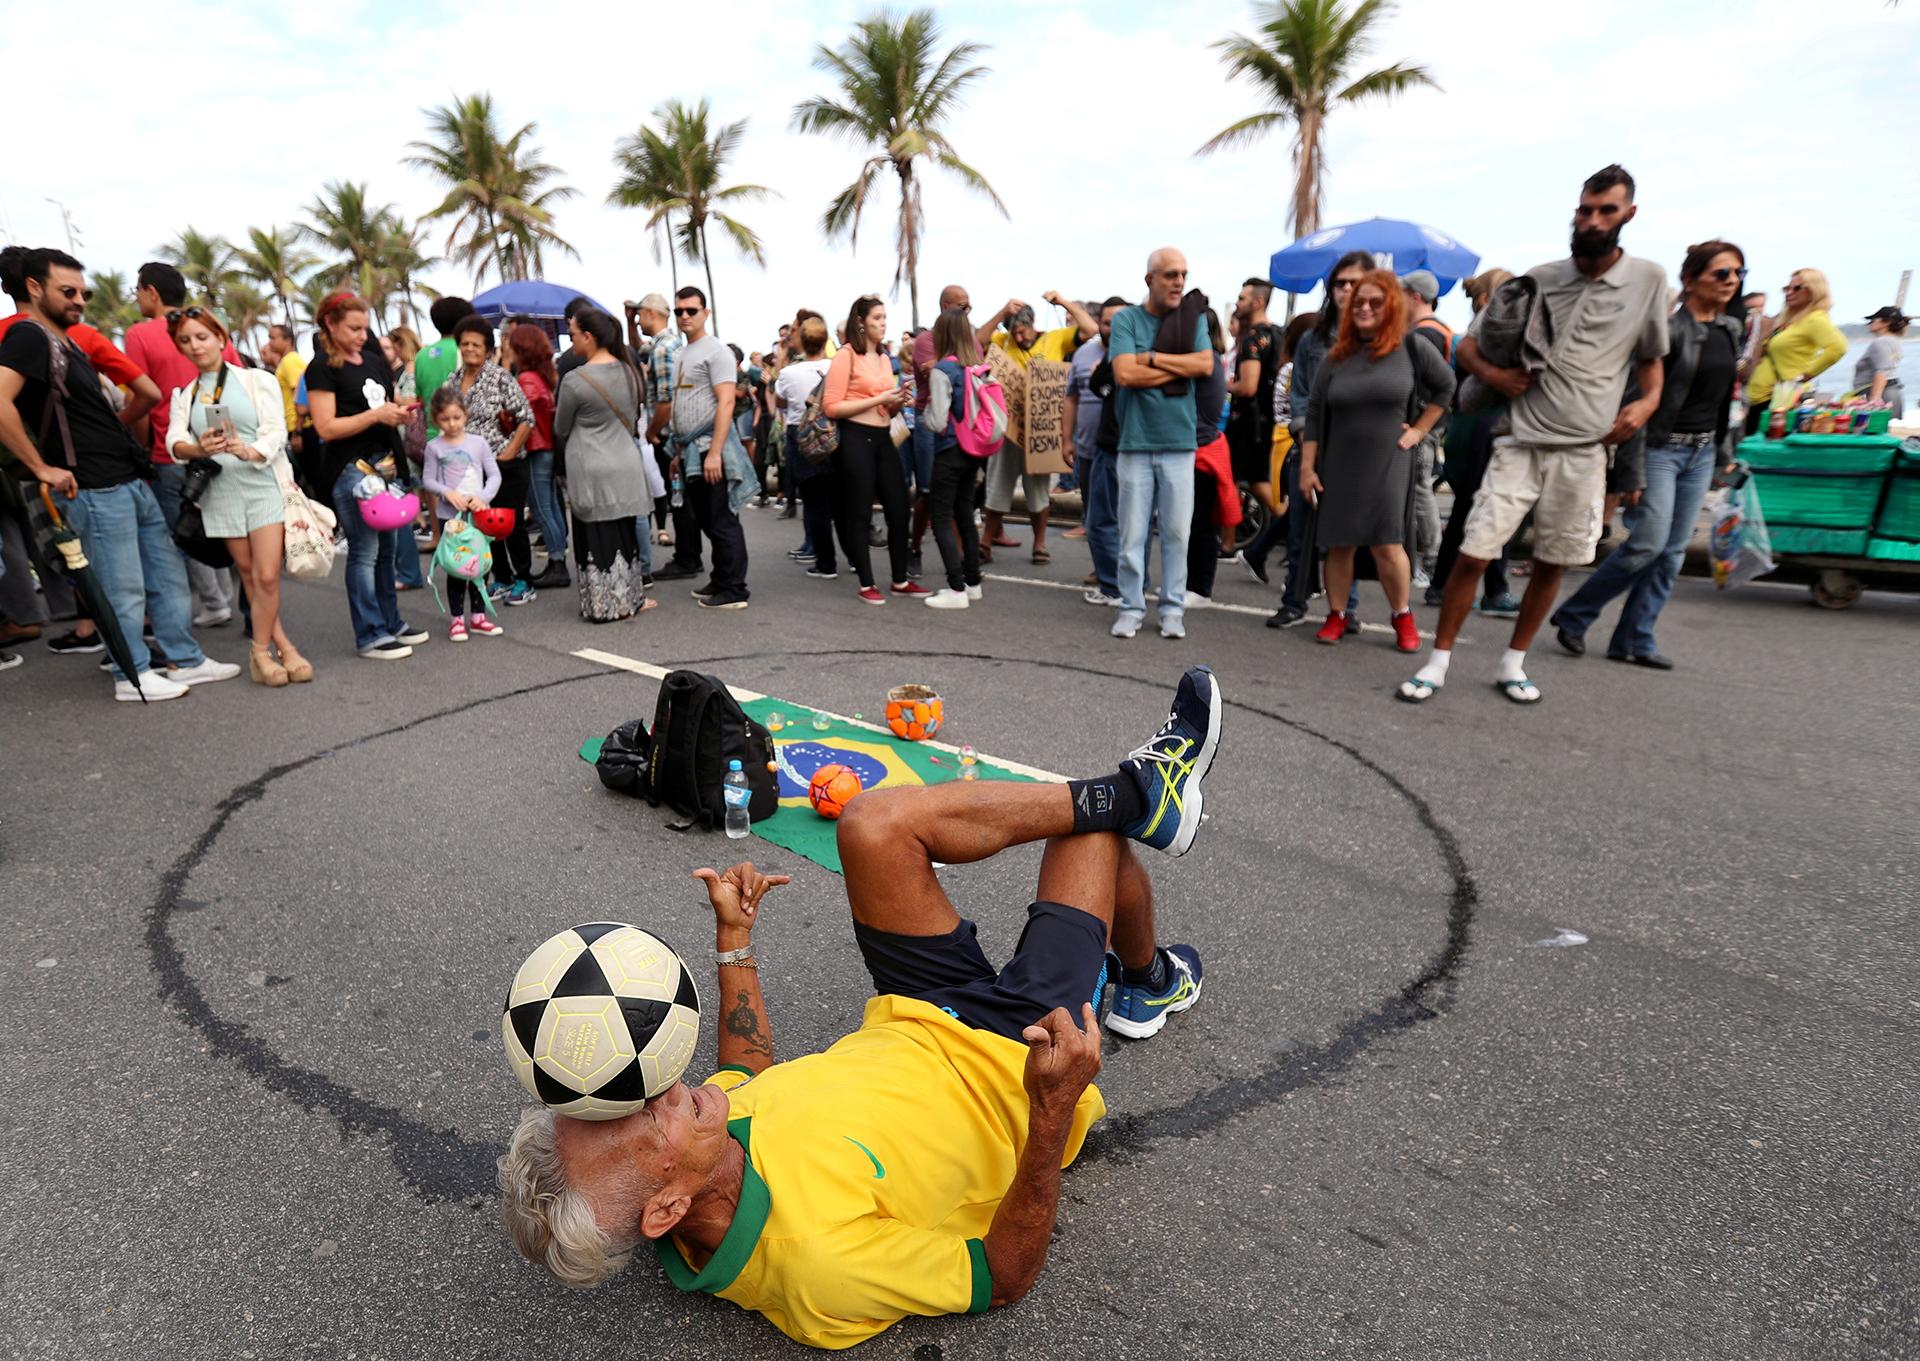 Un hombre juega con una pelota de fútbol durante la manifestación. REUTERS / Sergio Moraes